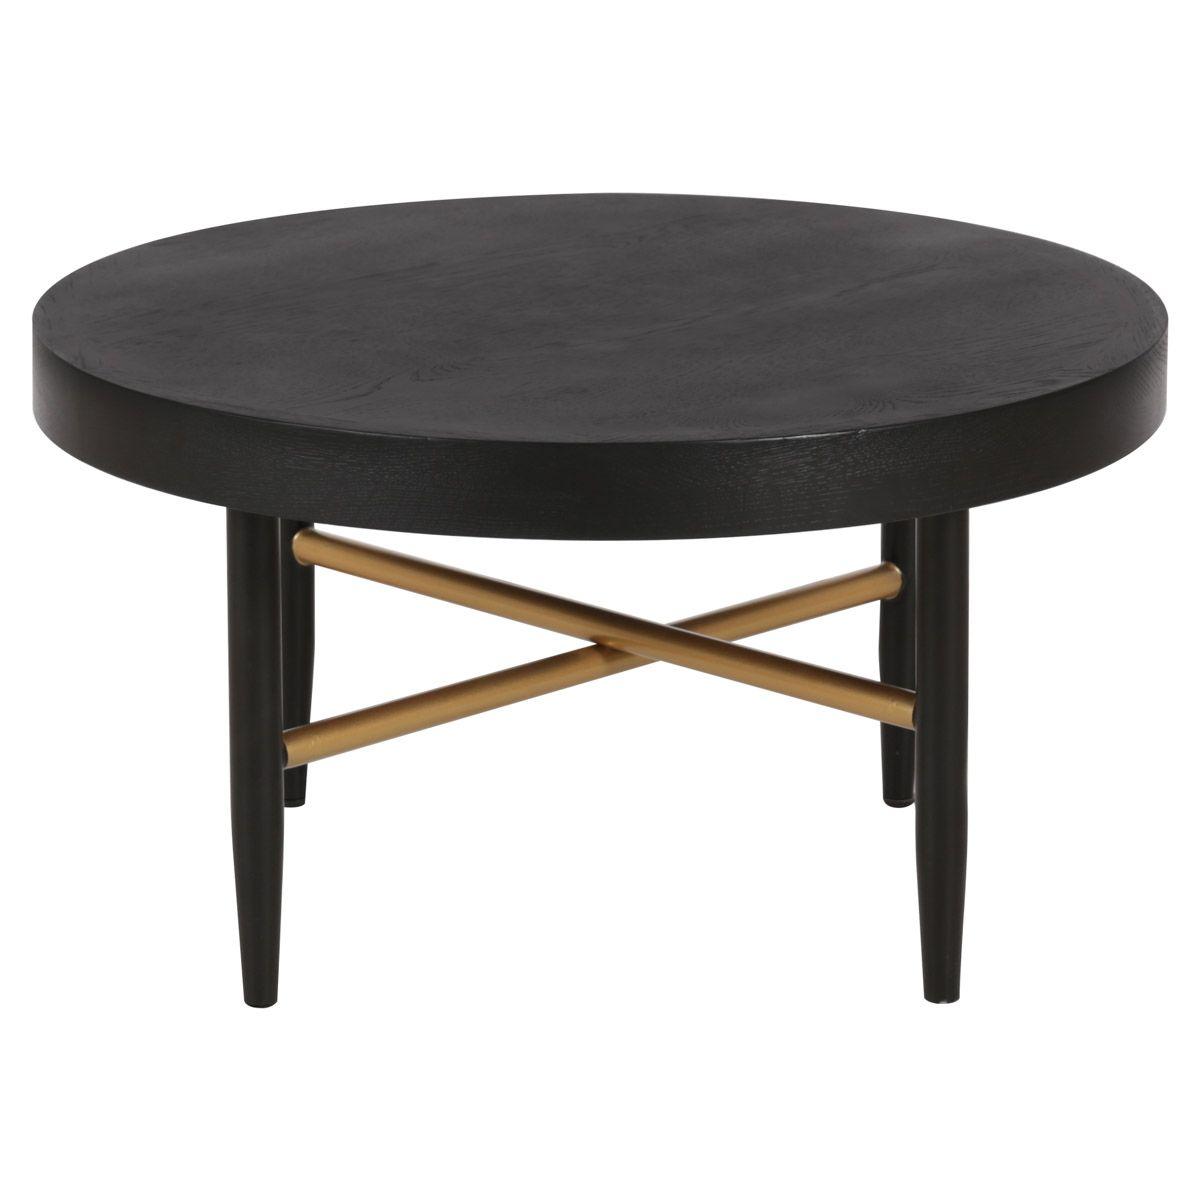 Table basse en chêne et métal noir et doré D 60 cm